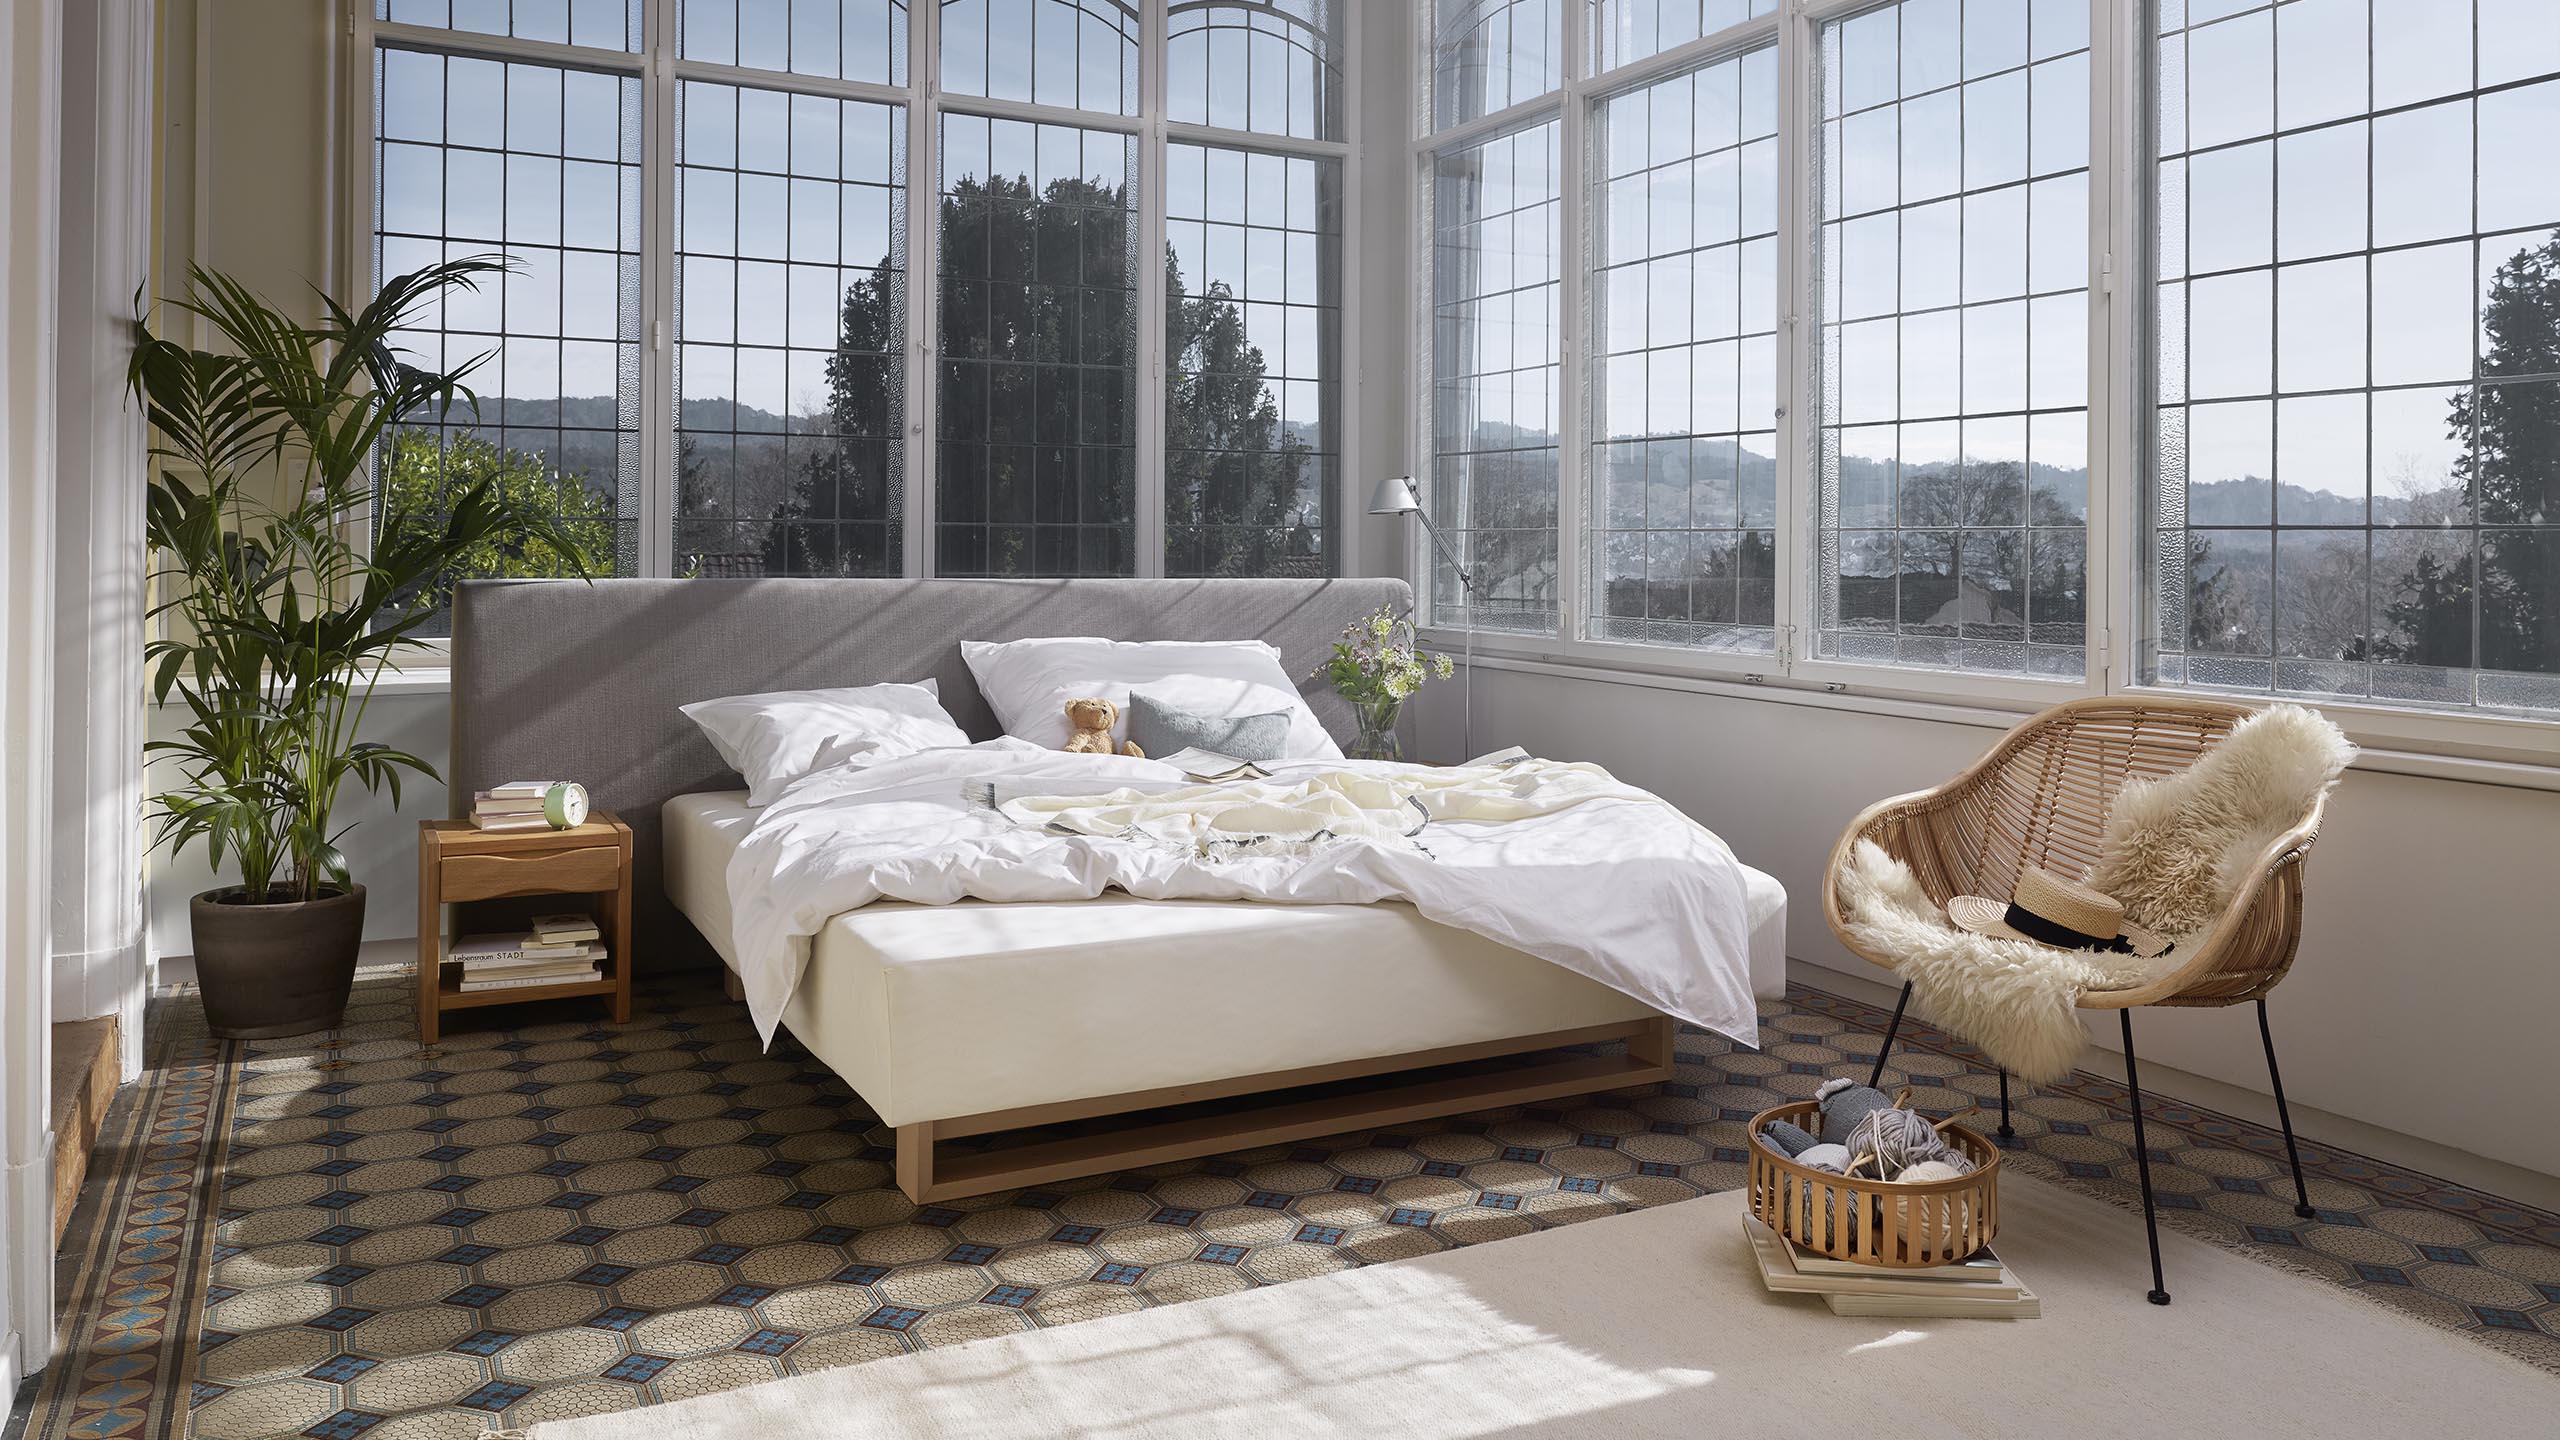 h sler nest center bern solothurn luzern zug z rich. Black Bedroom Furniture Sets. Home Design Ideas